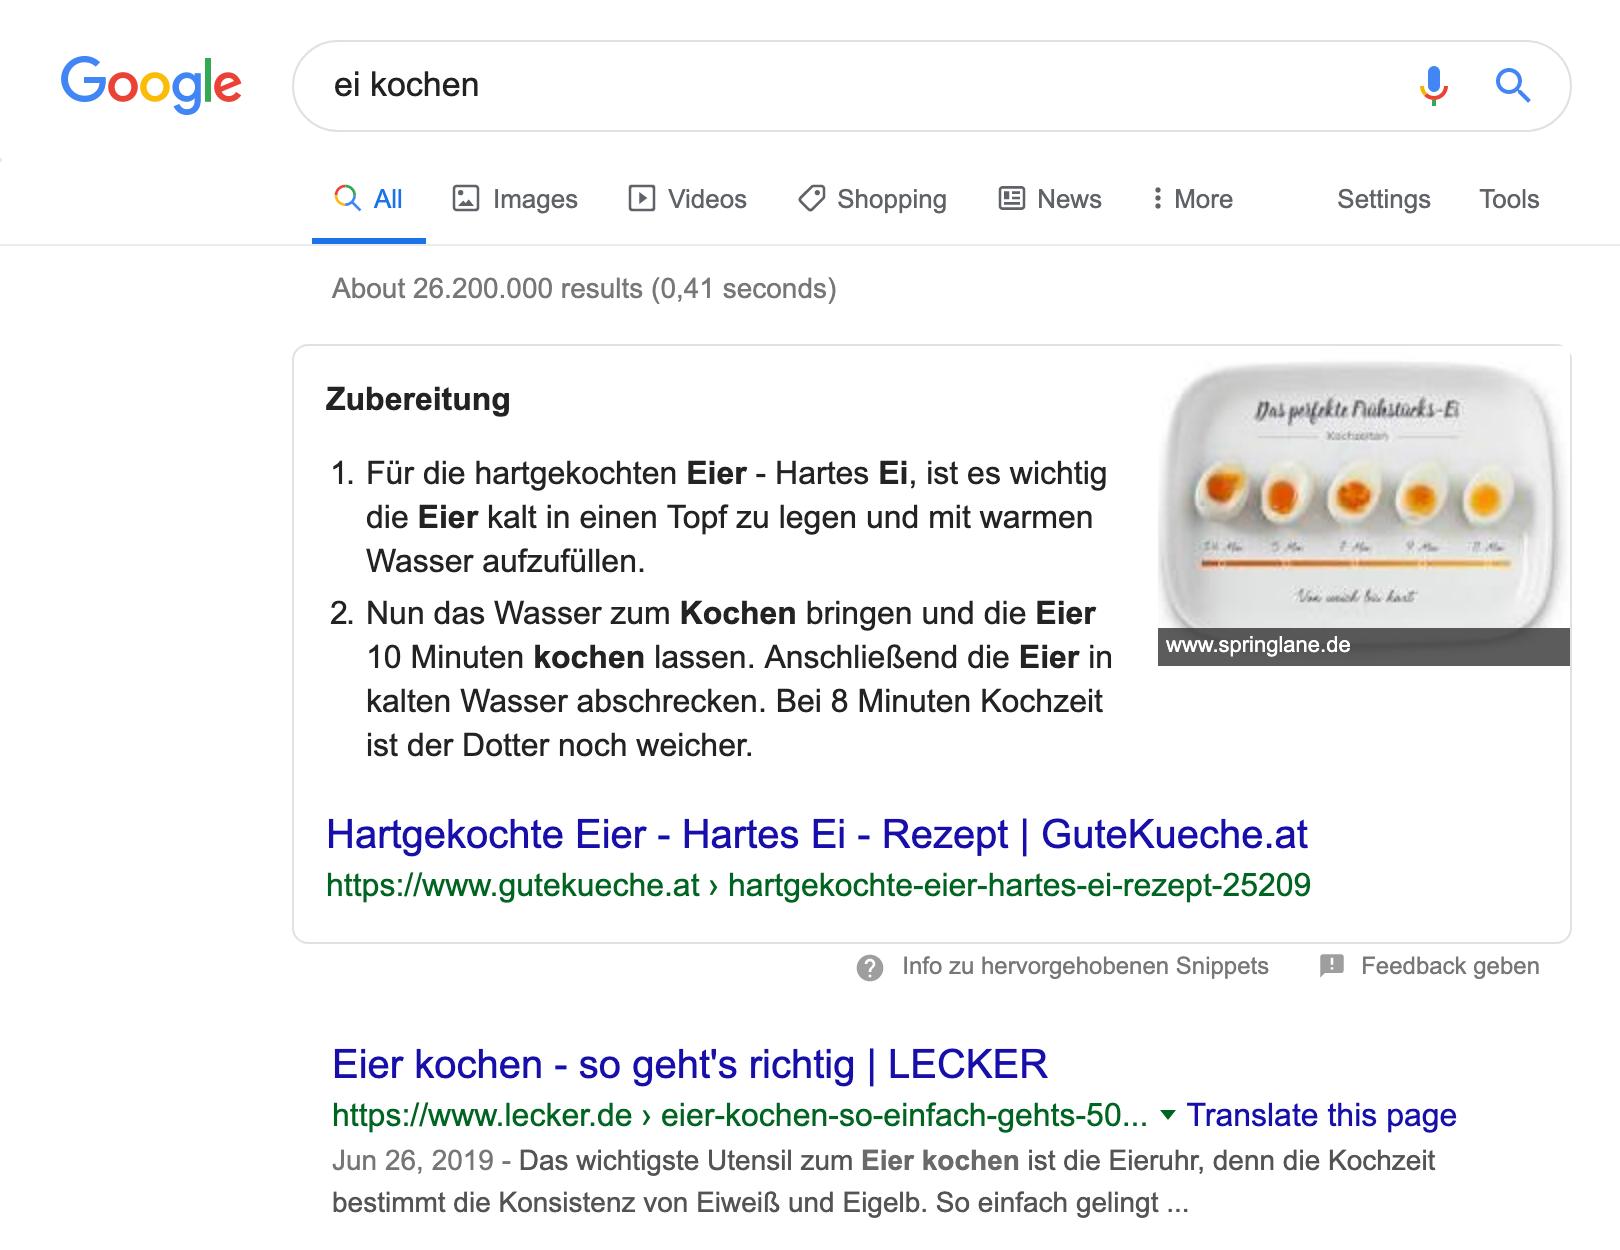 """Suchergebnisseite für die Suchanfrage """"ei kochen"""". Als erstes wird ein Featured Snippet Kasten angezeigt in dem ein eine Auflistung steht."""